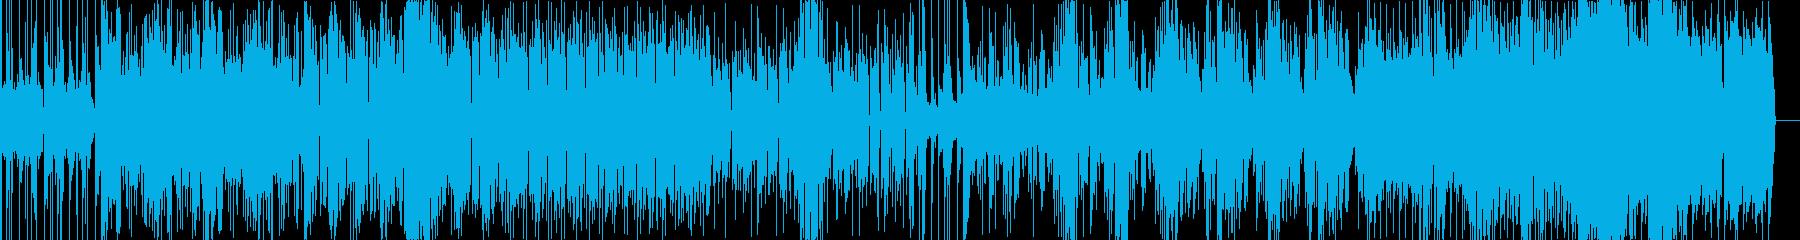 ゆっくりなメロディに素早いリズムの楽曲の再生済みの波形